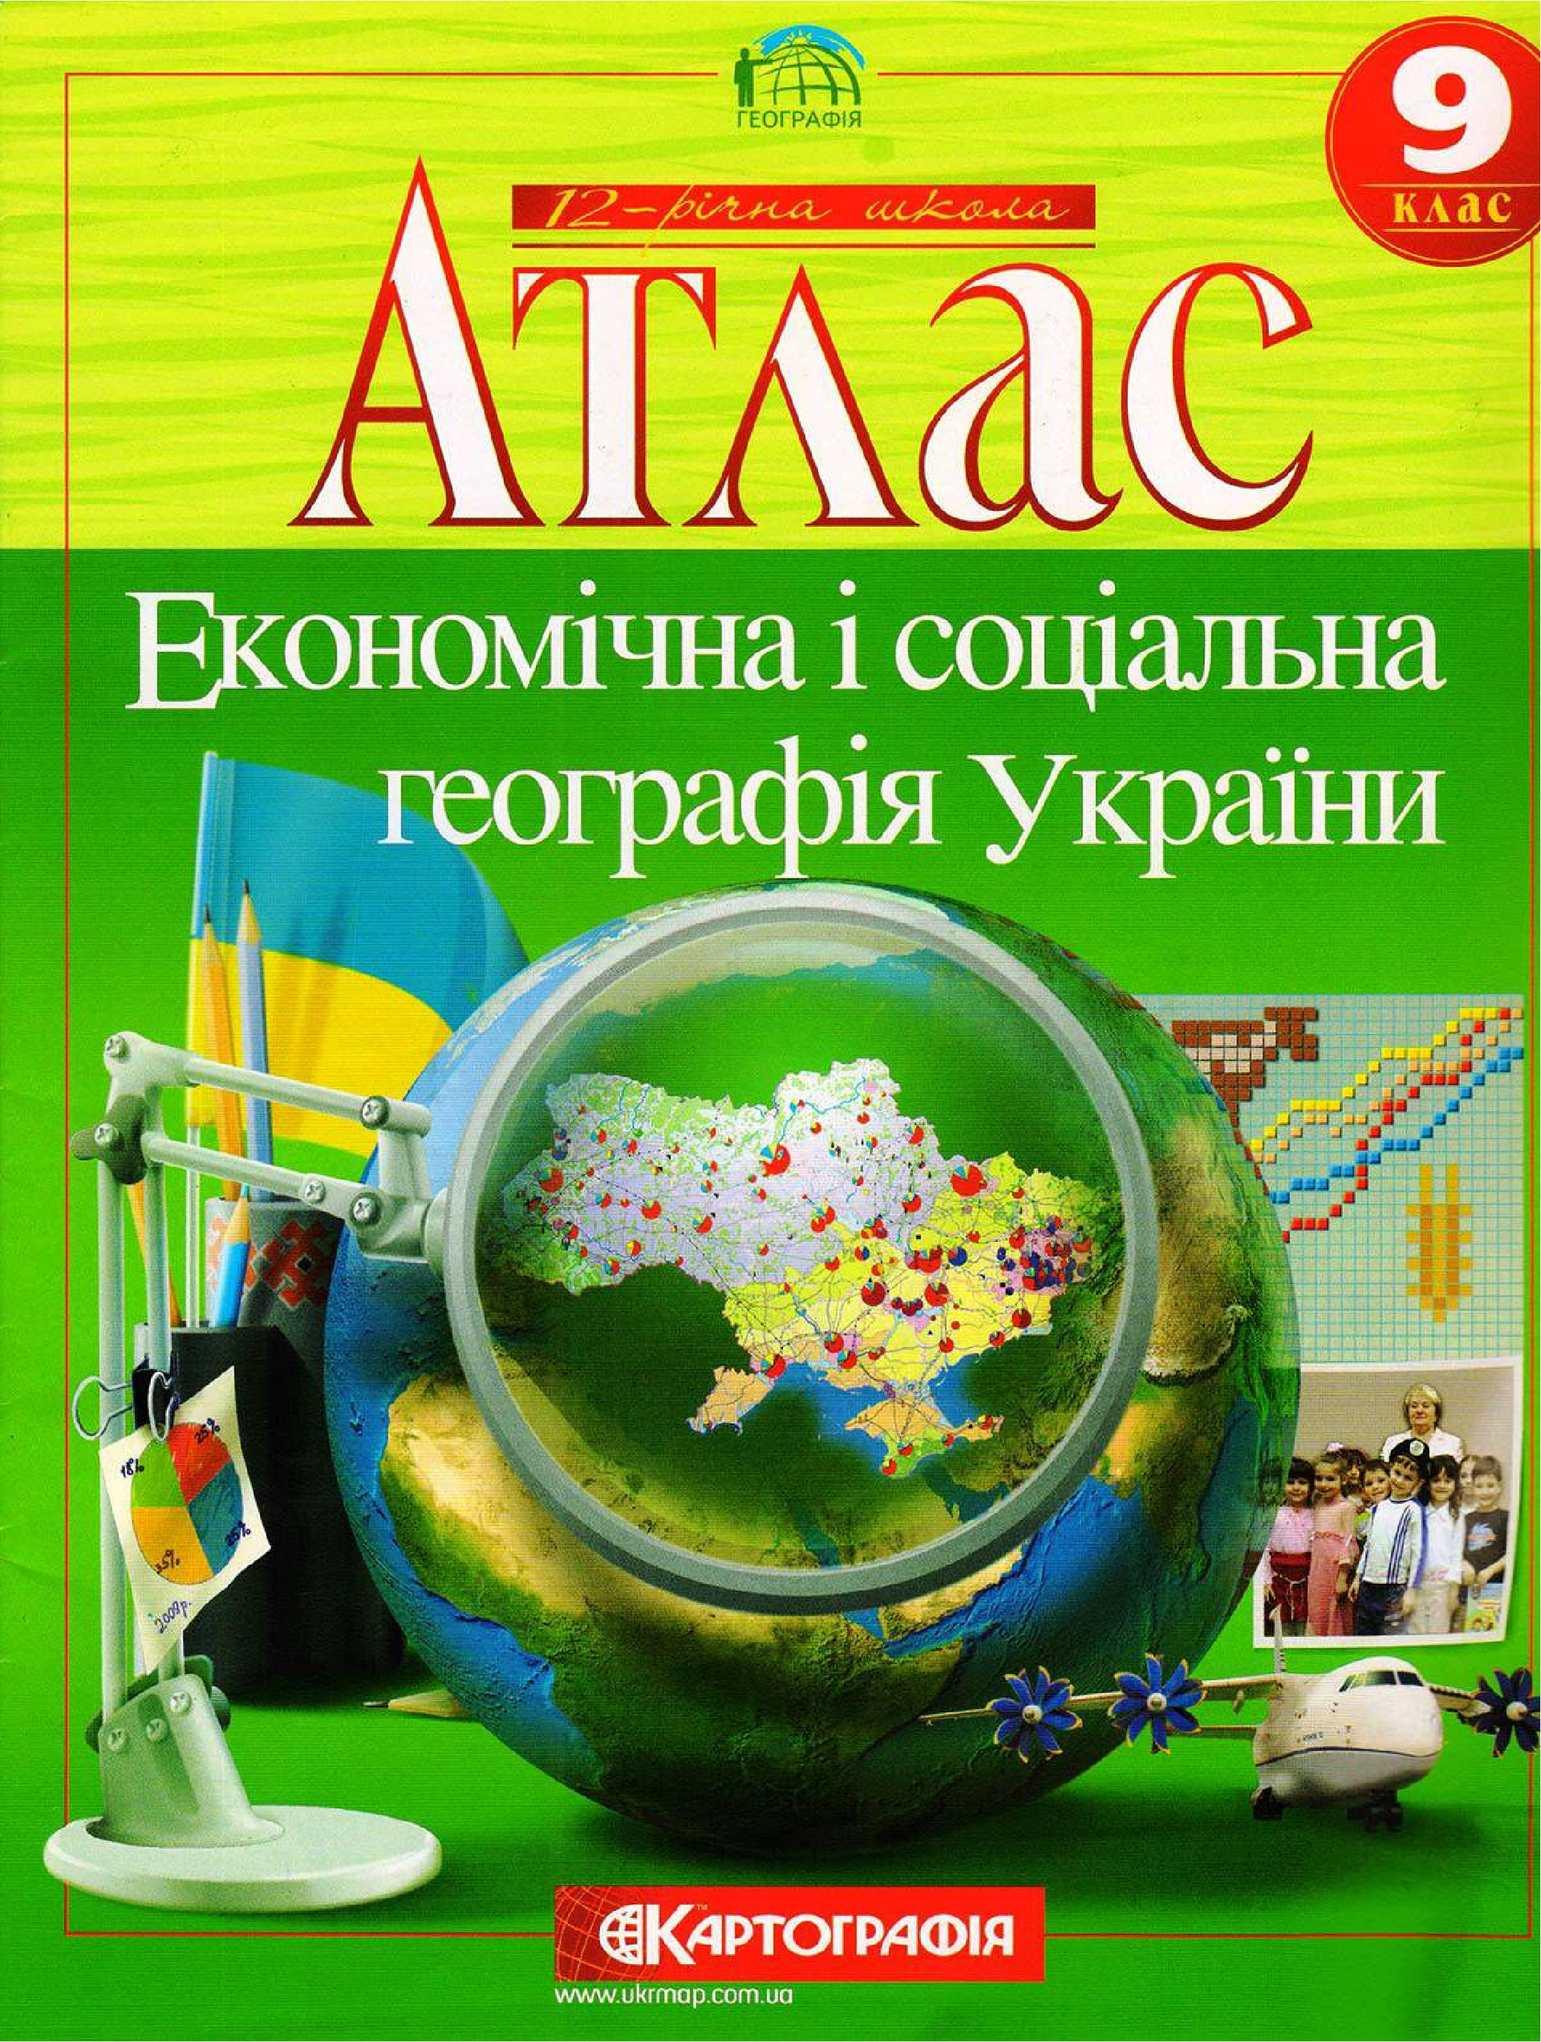 Атлас 9 класс экономическая и социальная география украины смотреть